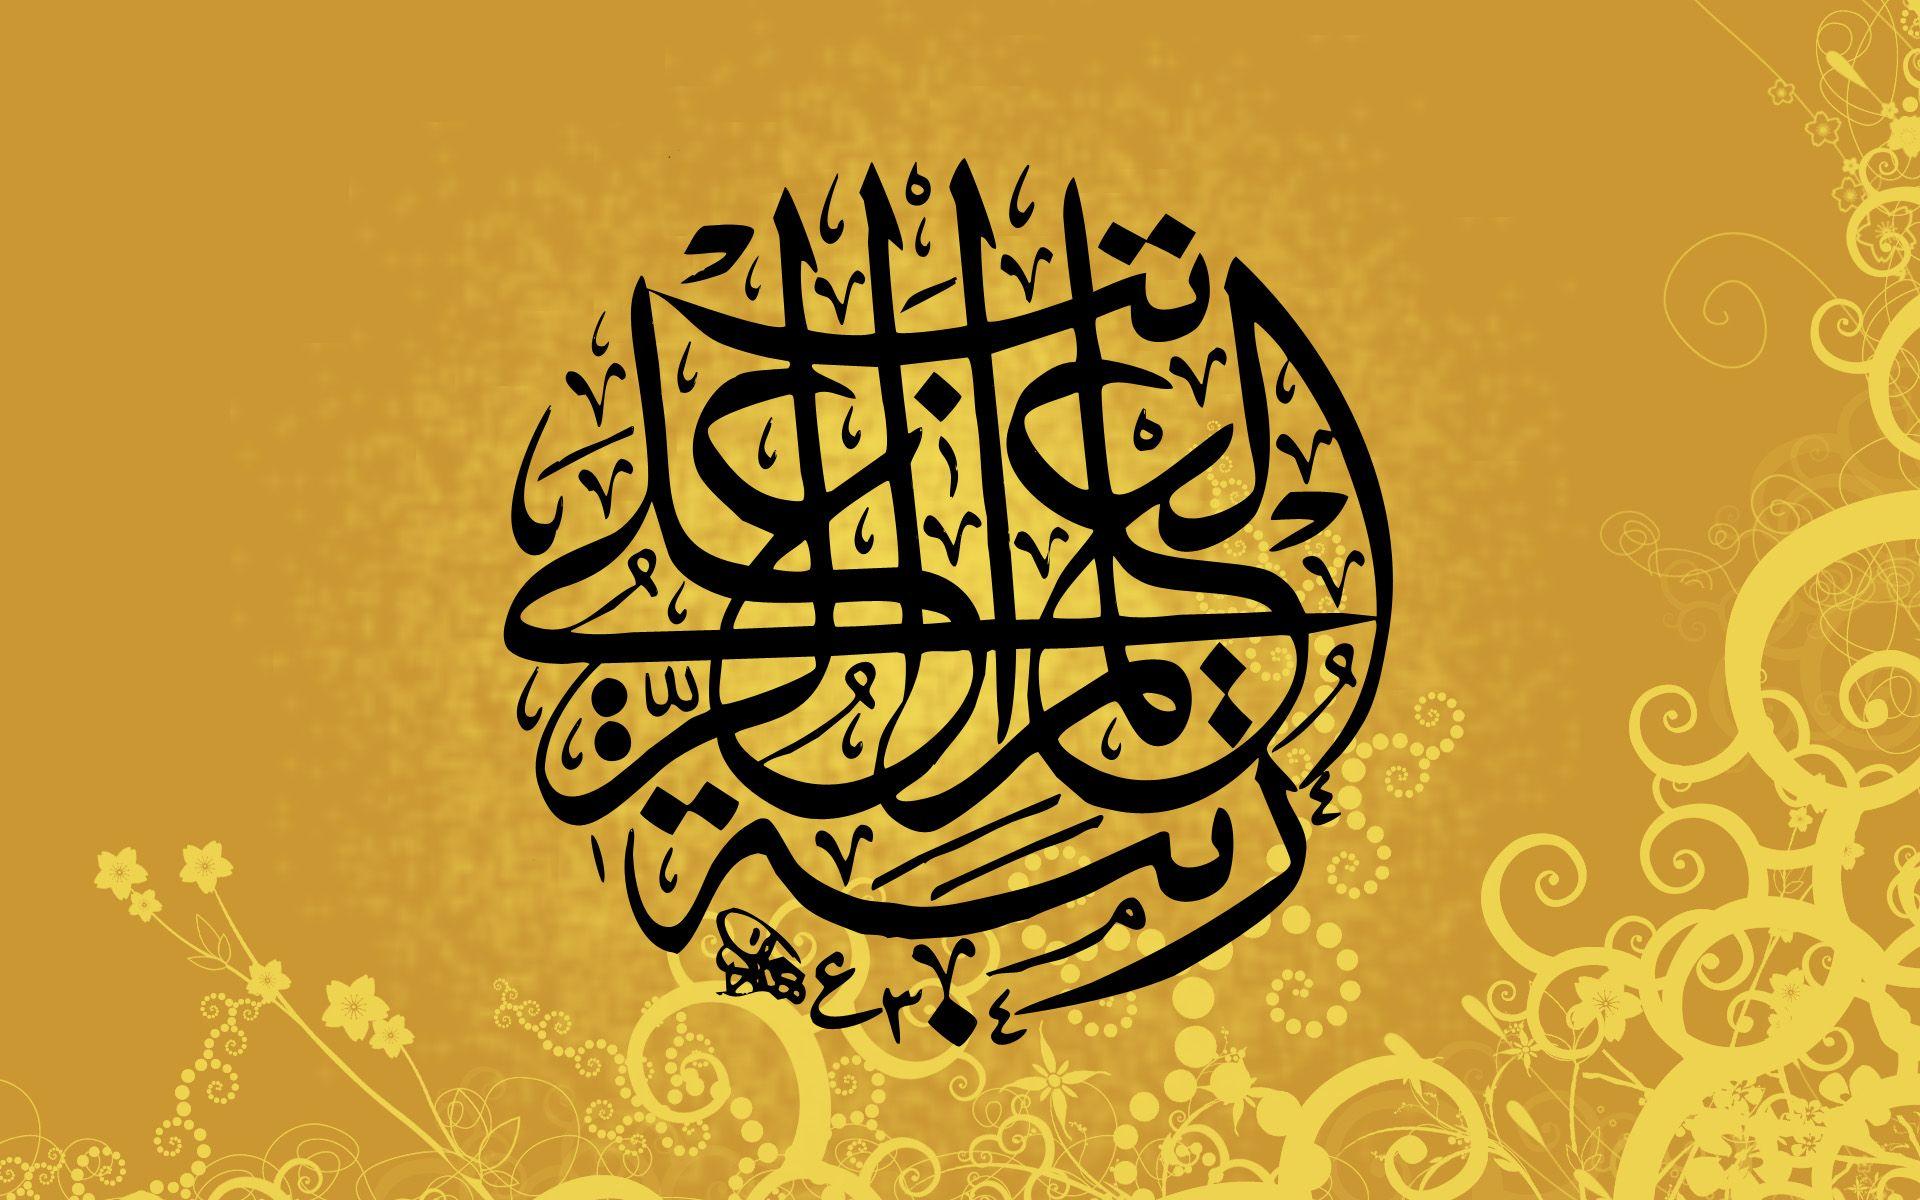 Download Hd Ramadan Mubarak Islamic Wallpaper For Your Desktop